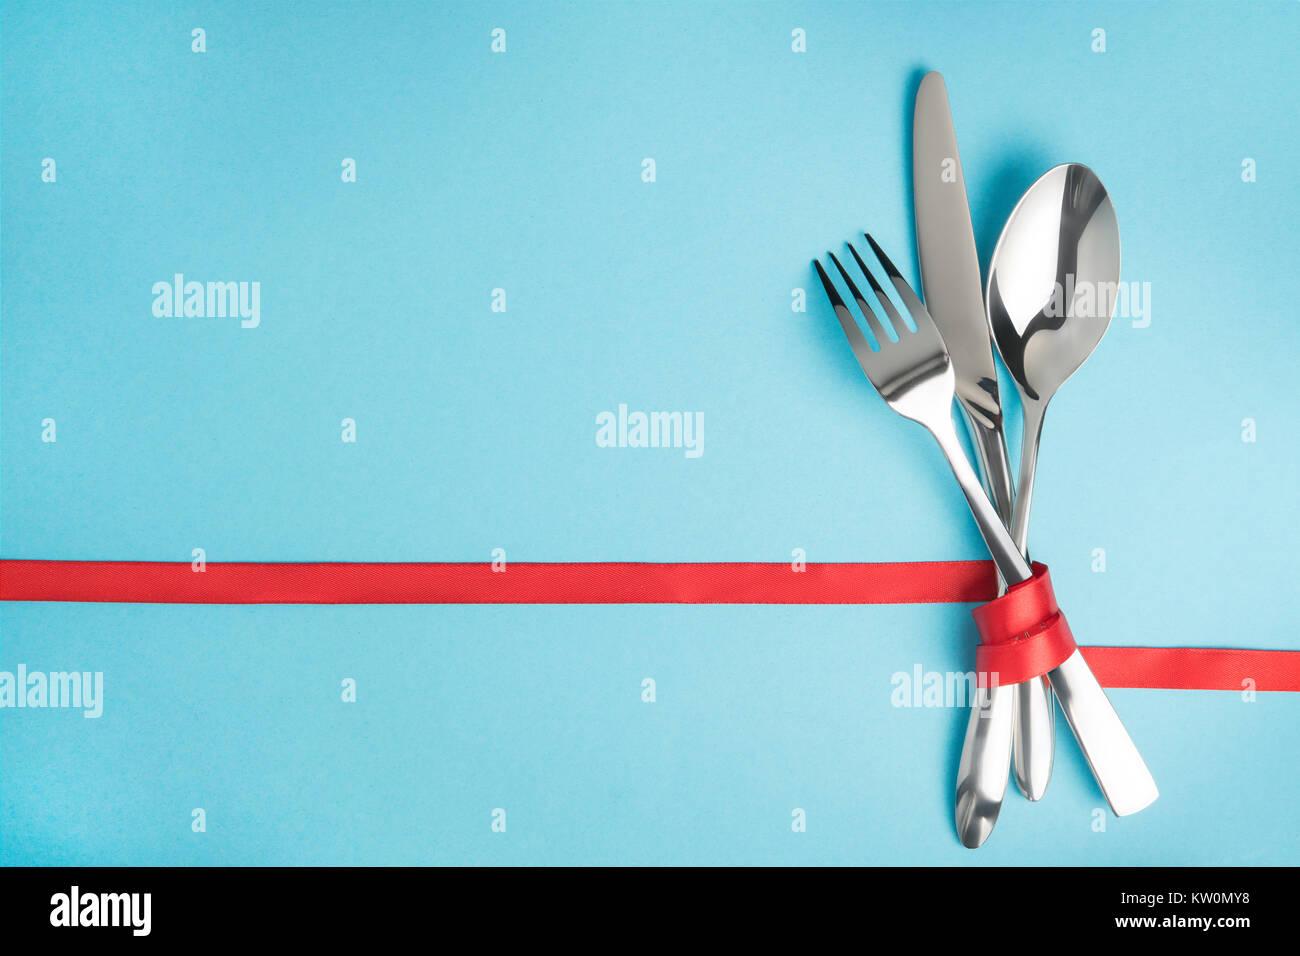 Gabel, Löffel und Messer mit einem roten Band auf blauem Hintergrund ...